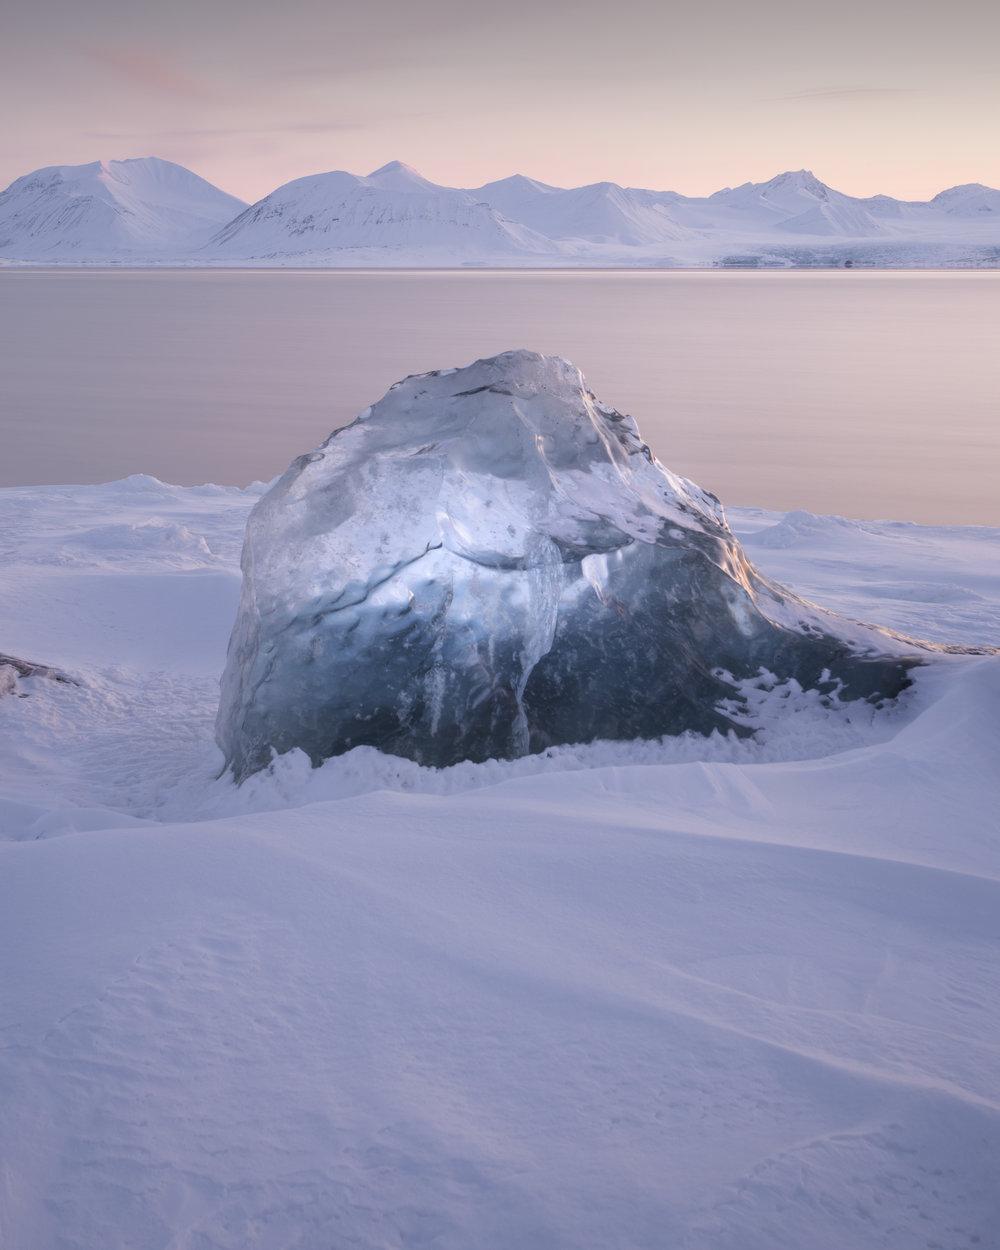 Een stuk gletsjerijs van duizenden jaren oud versiert de prachtige kustlijn in Boremorenene. Op de achtergrond kan je een gletsjer zien.